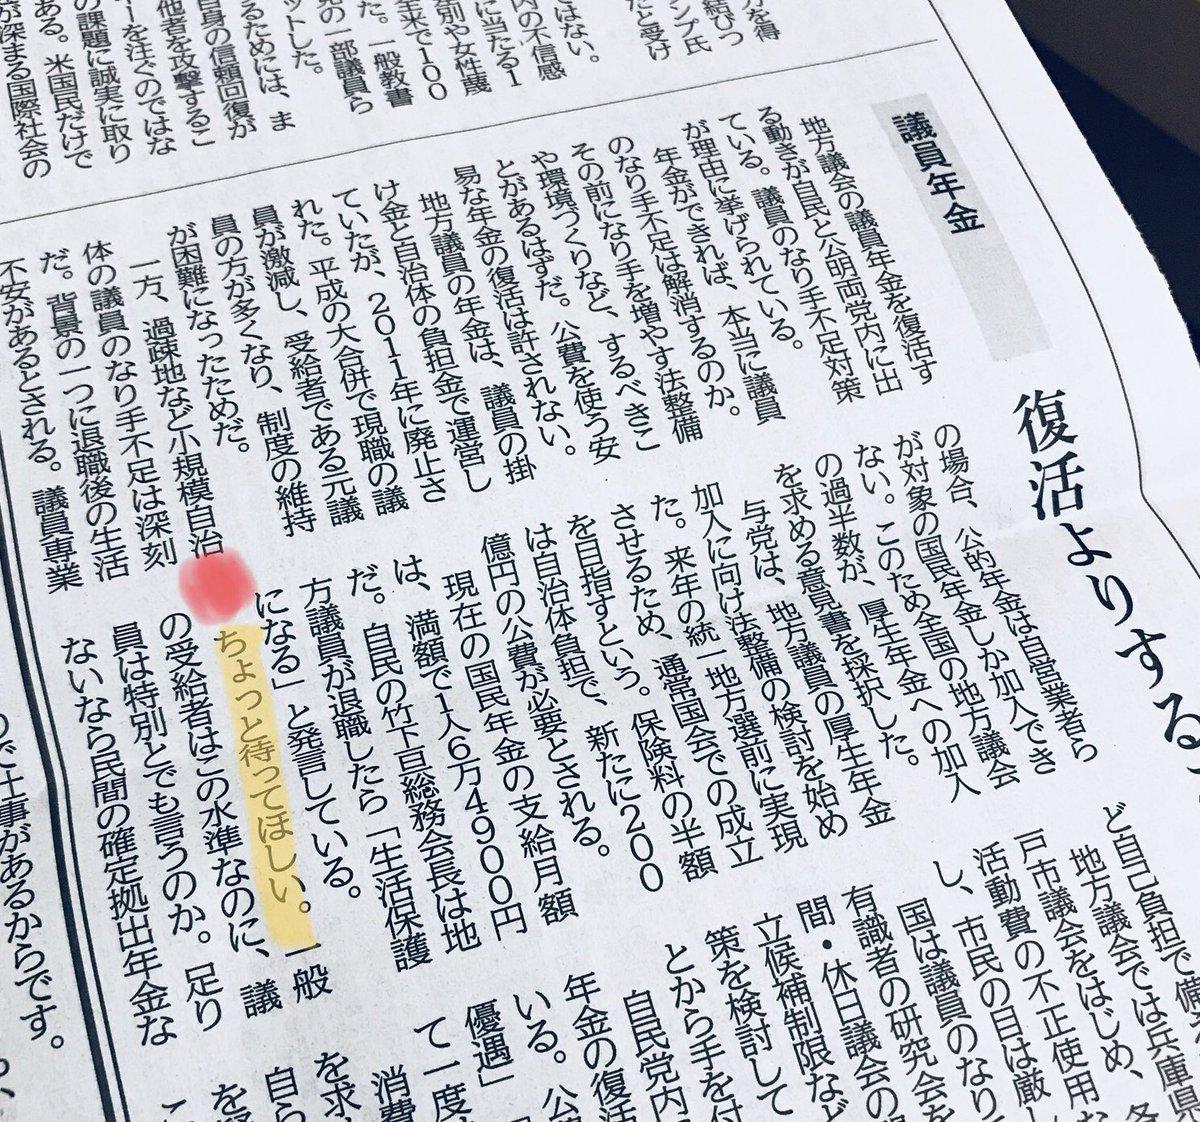 地方紙からディスられる hashtag...